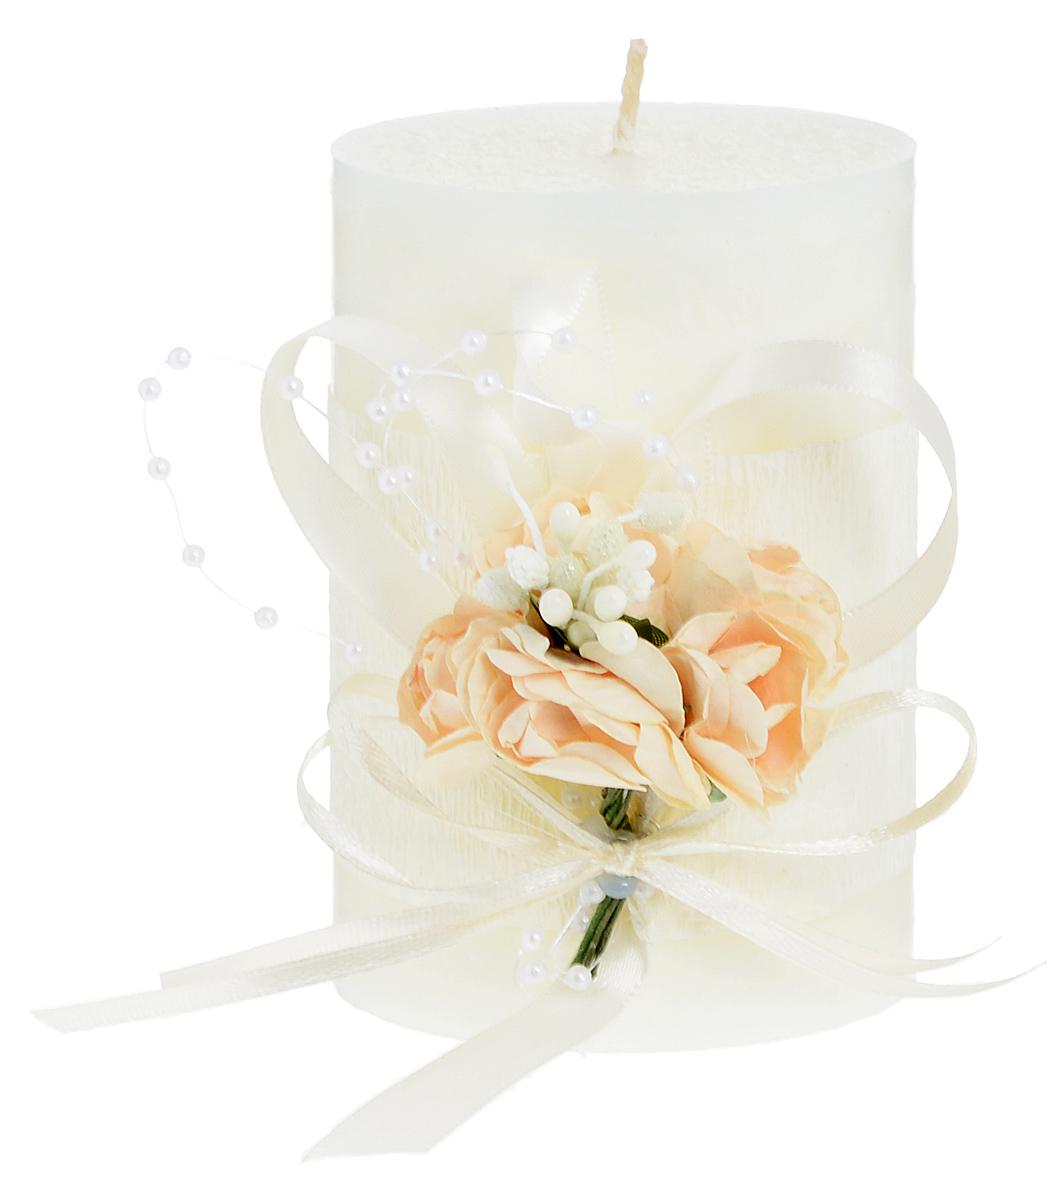 Свеча декоративная Win Max Свадебная, высота 10 см94702Свеча декоративная Win Max Свадебная выполнена из парафина шампанского цвета. Изделие выполнено в форме столбика и декорировано композицией из цветов и ленточек.Свеча будет вас радовать и достойно украсит интерьер. Вы можете поставить свечу в любом месте, где она будет удачно смотреться и радовать глаз. Кроме того, эта свеча - отличный вариант подарка для ваших близких и друзей.Диаметр свечи: 7 см.